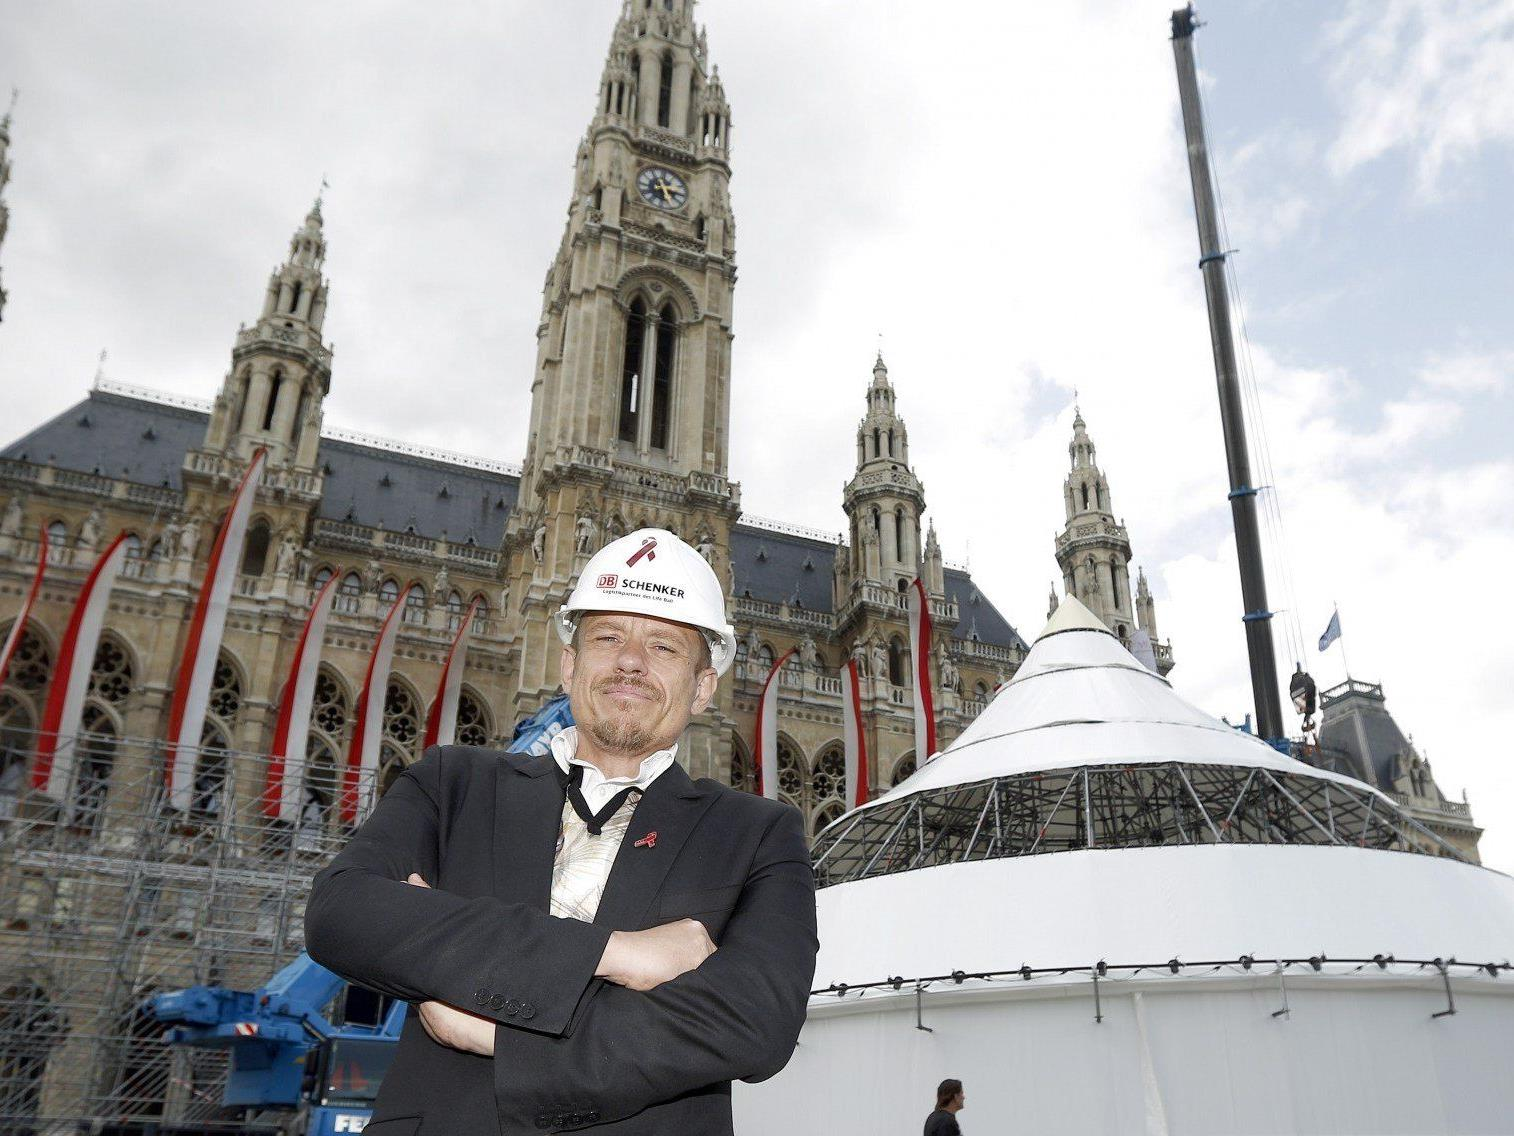 Life Ball-Organisator Gery Keszler bei den ersten Aufbauarbeiten am Rathausplatz.